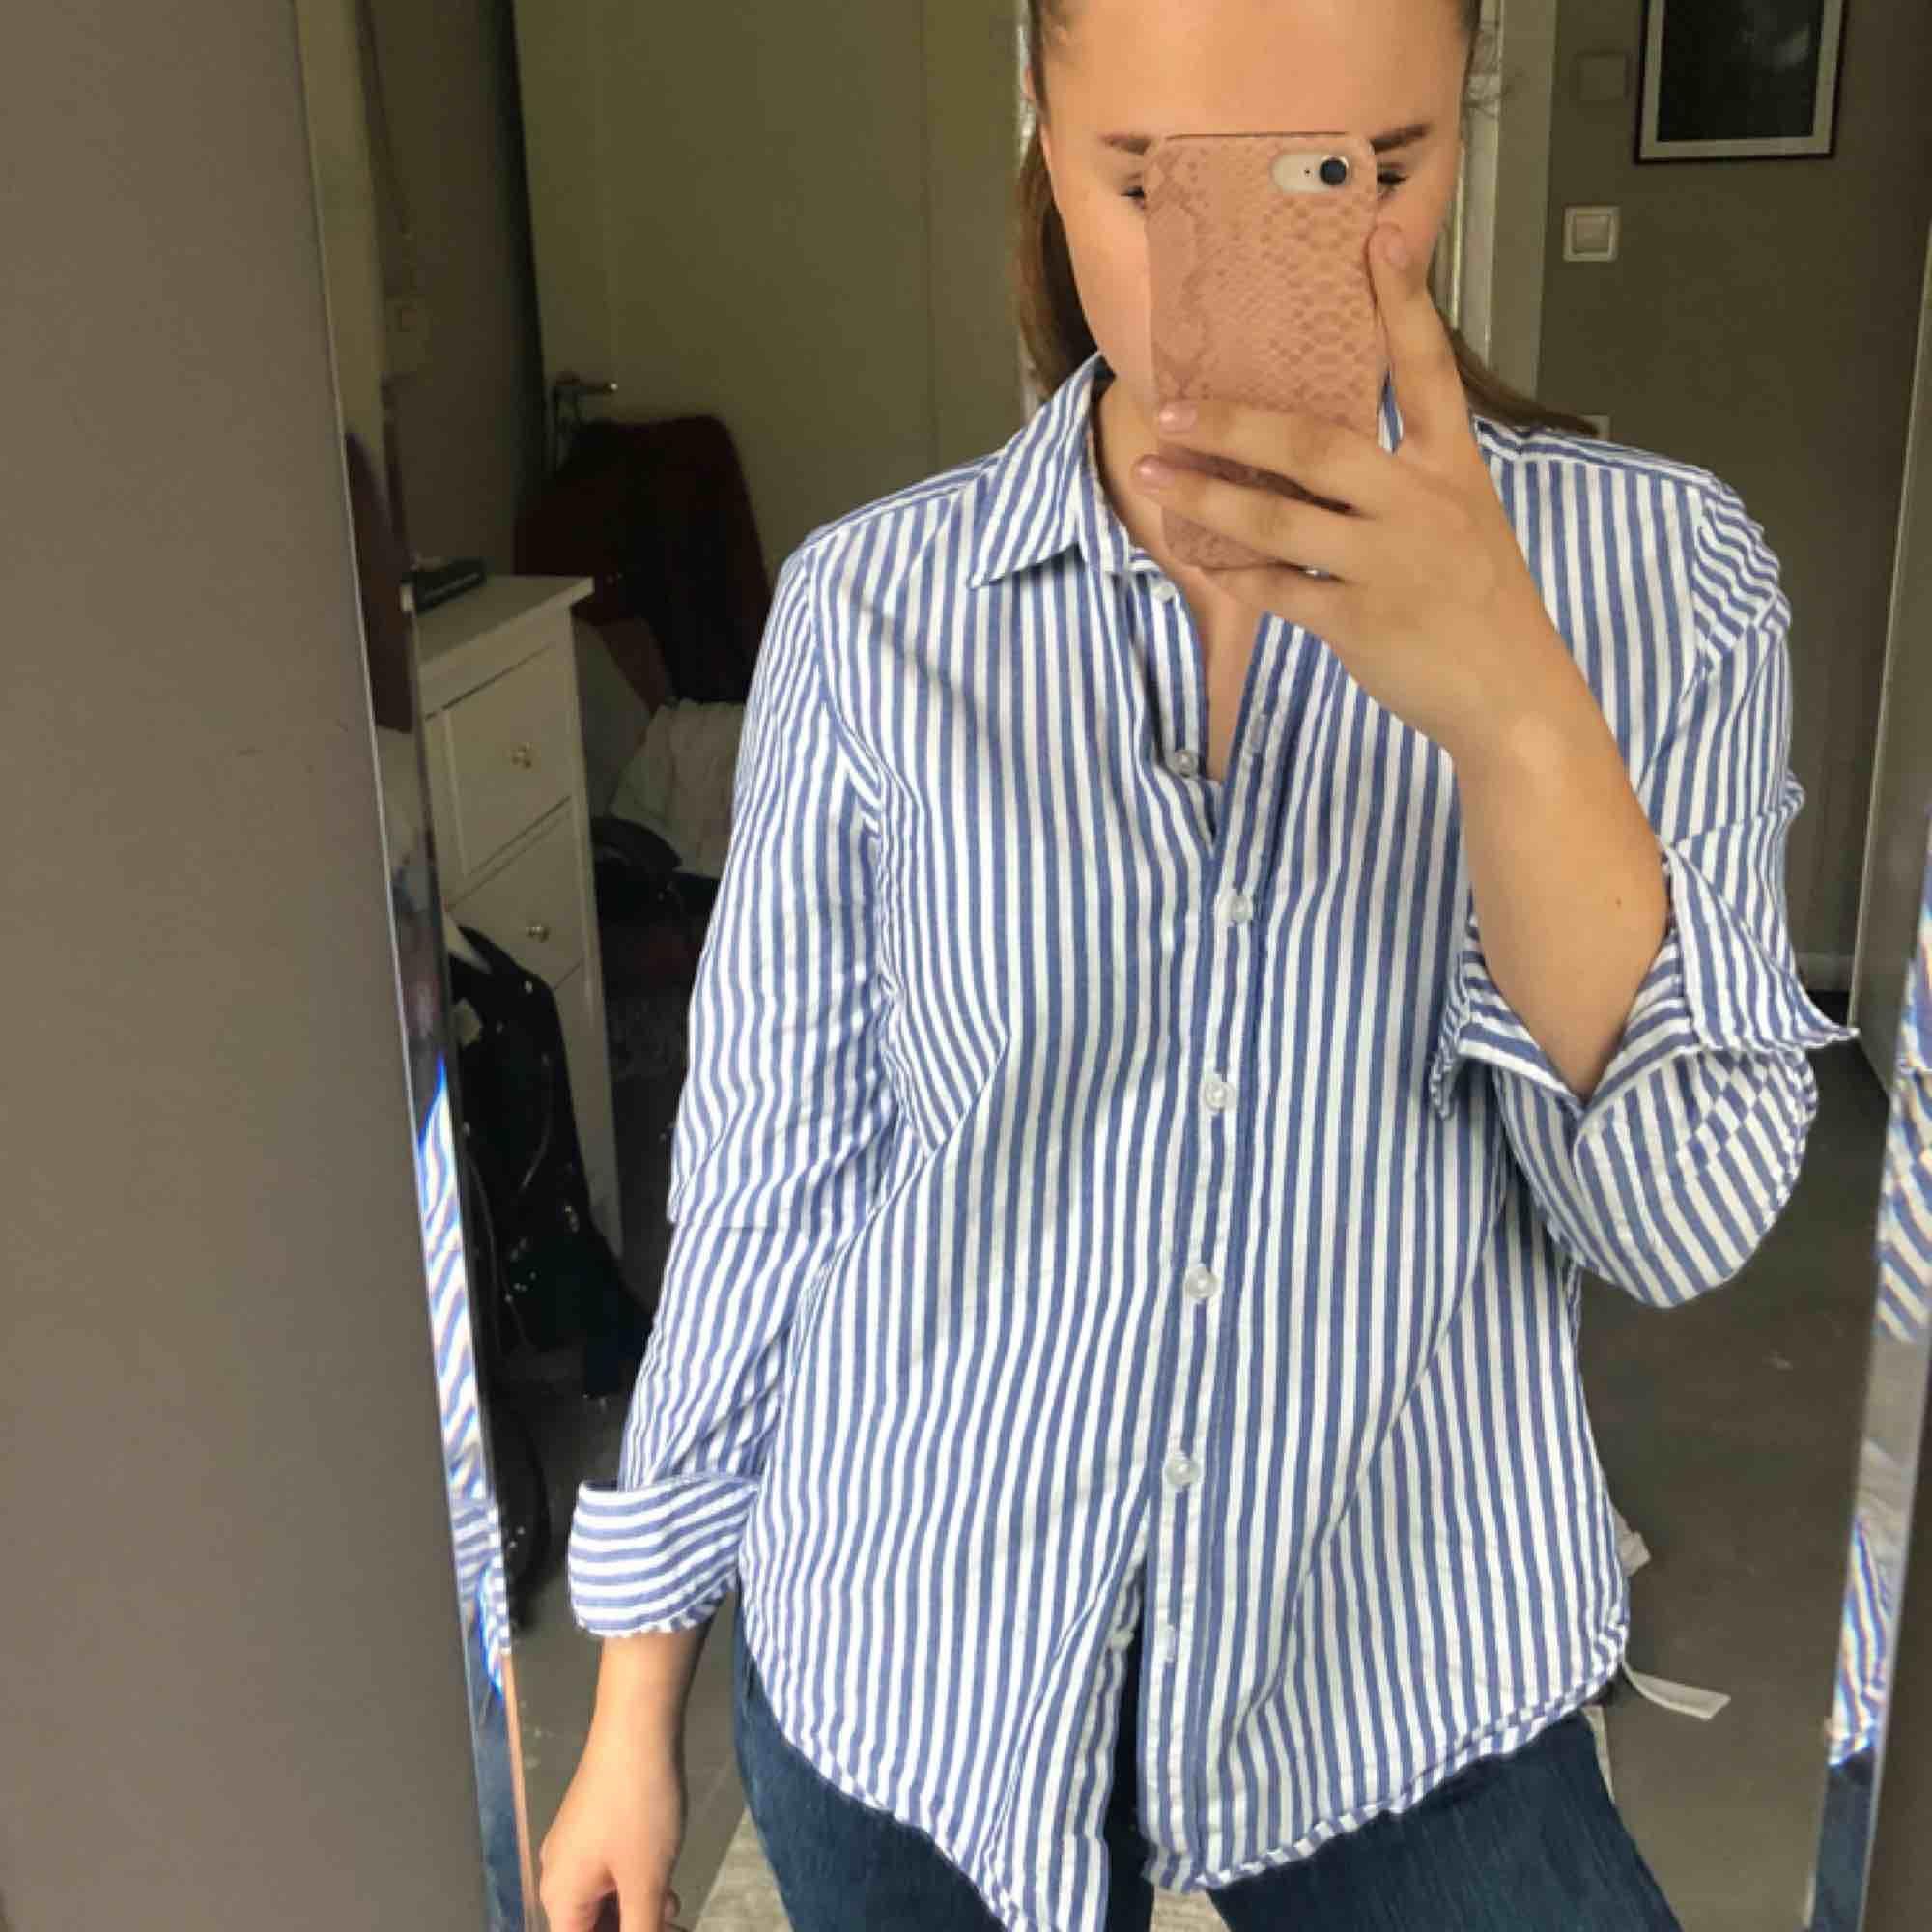 Vit/randig skjorta Strl. 38  Kan hämtas i uppsala eller skickas mot fraktkostnad🌟. Skjortor.